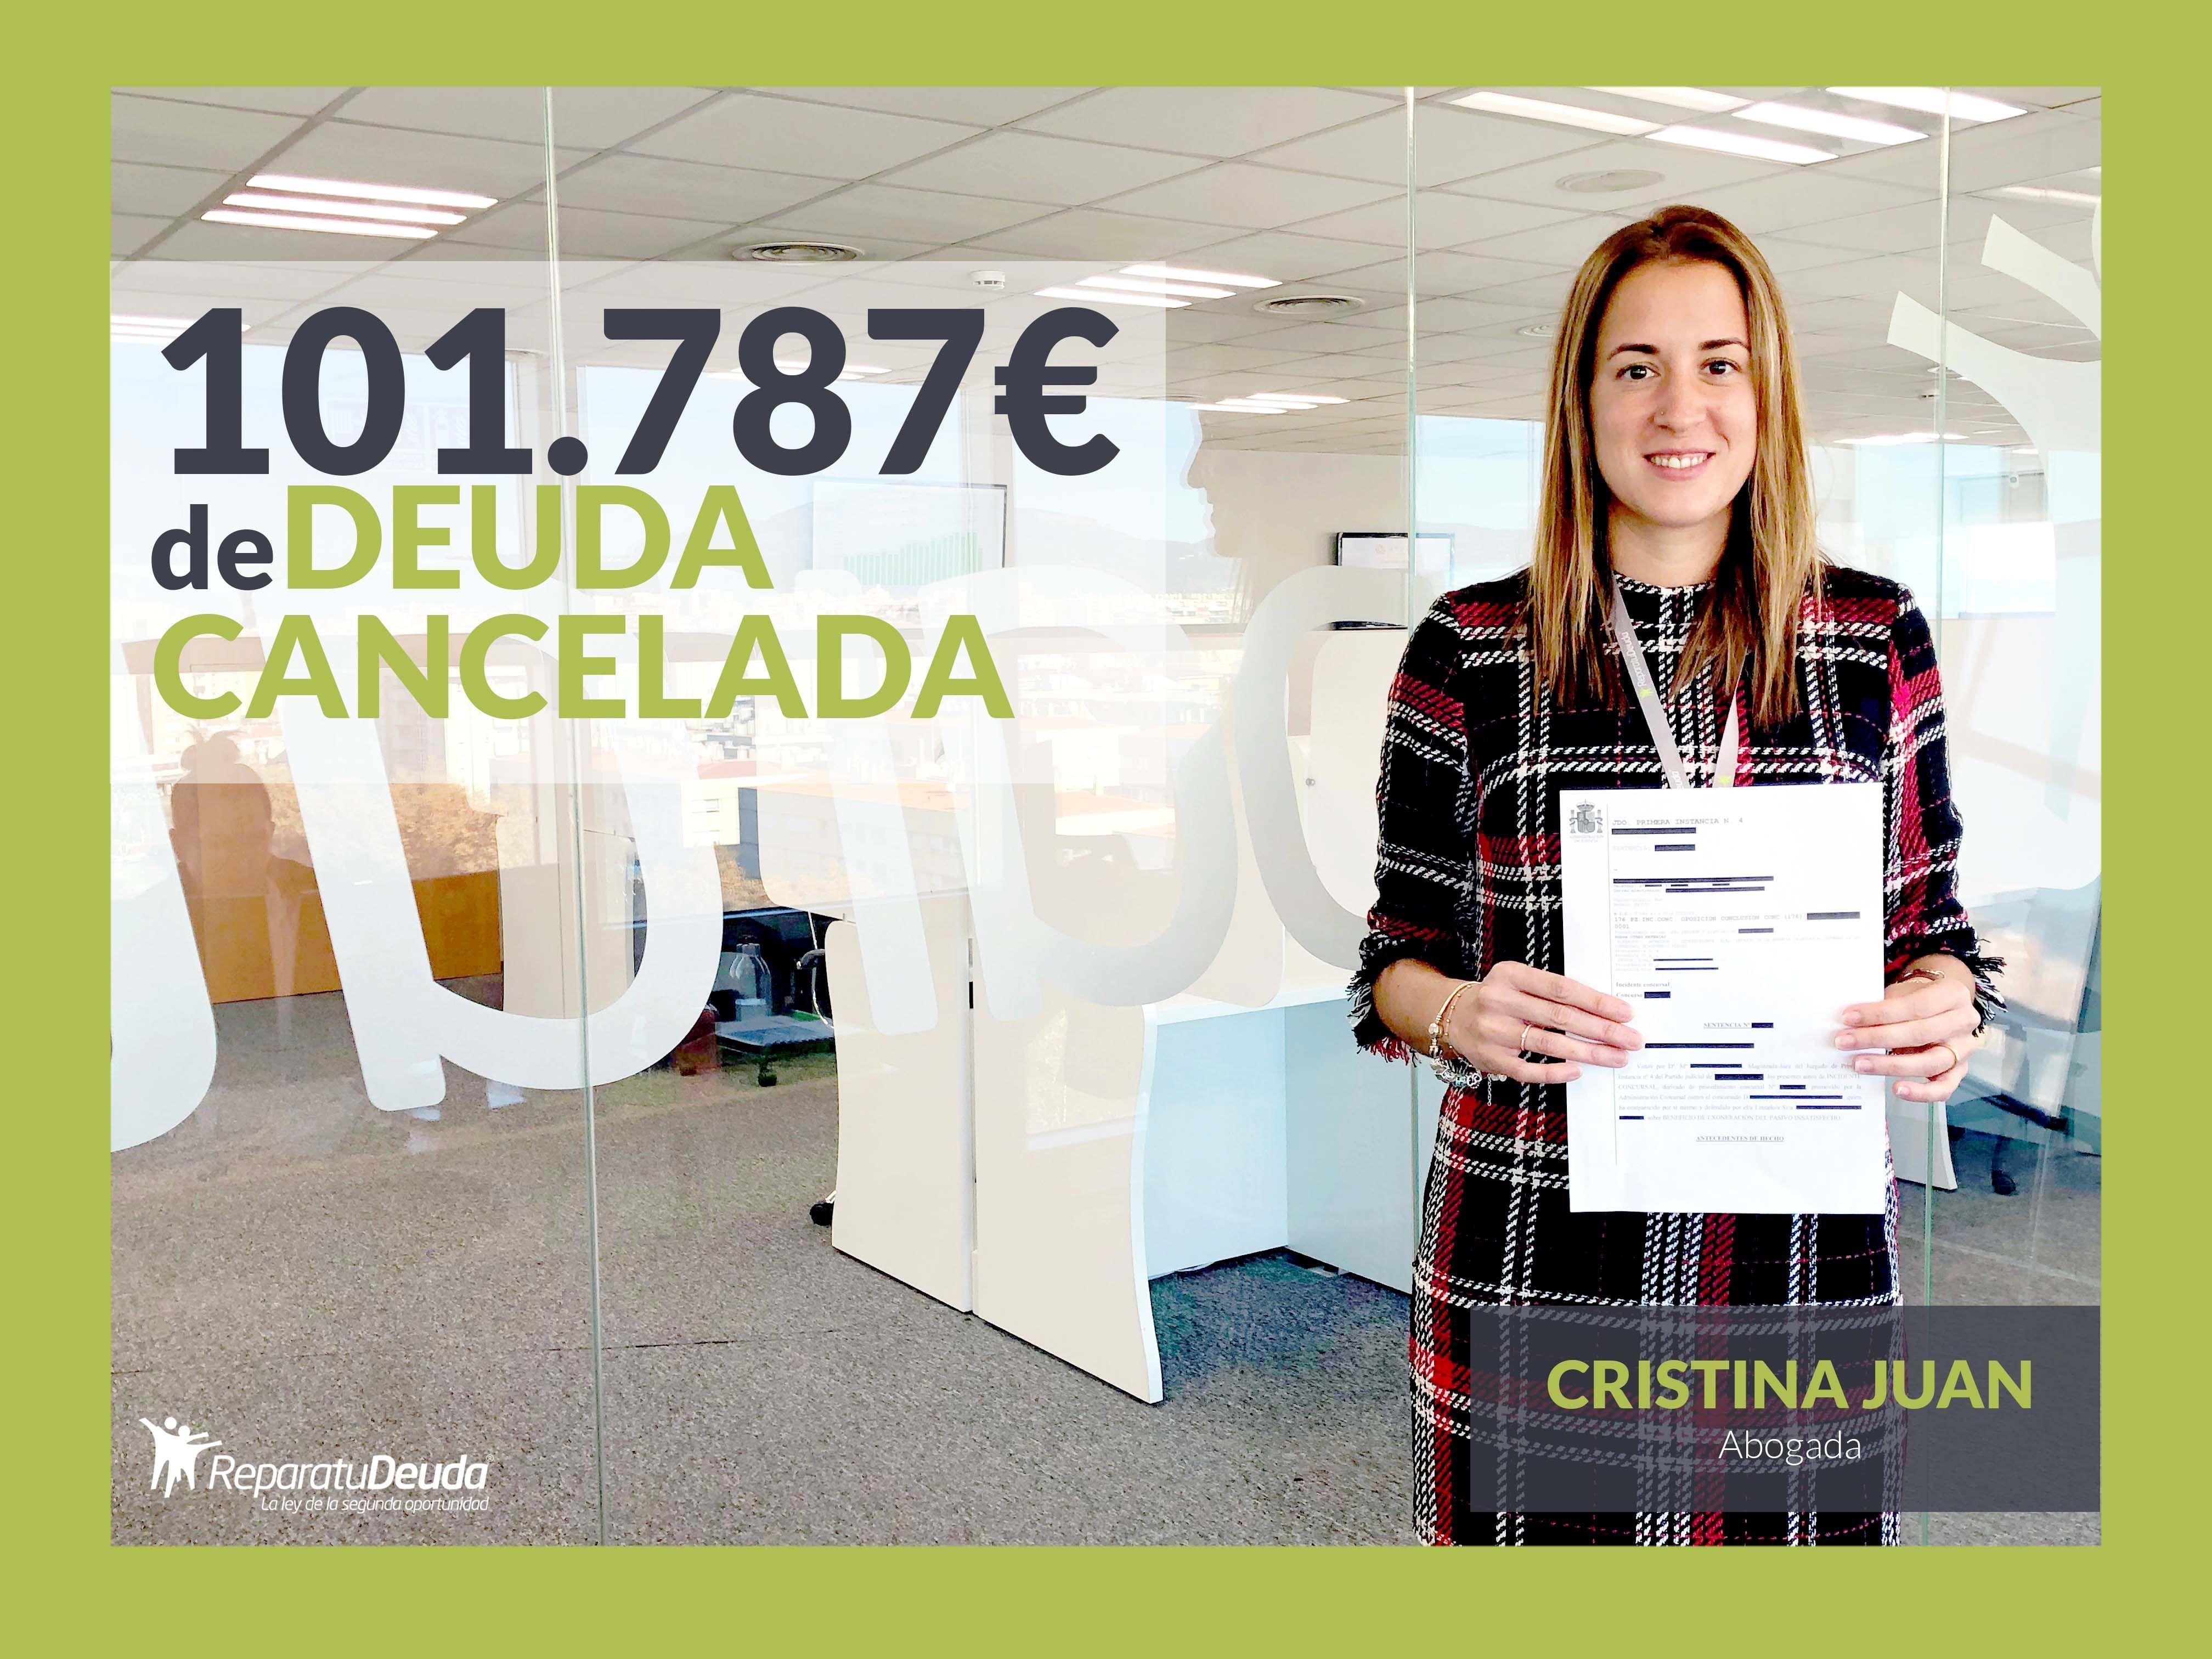 Repara tu deuda cancela 142.063 € en Salamanca (Castilla y León) con la Ley de la Segunda oportunidad